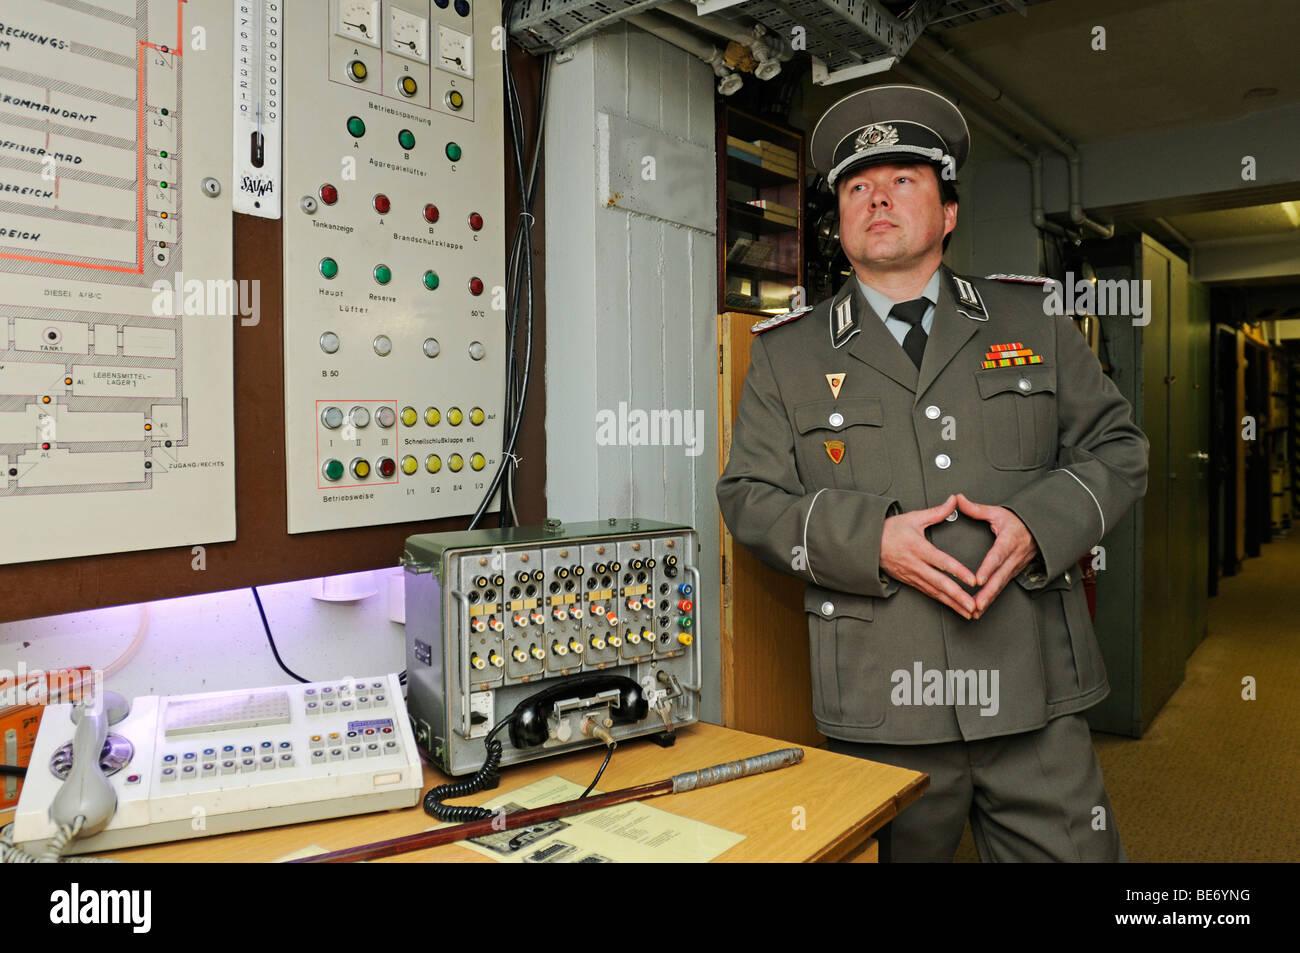 Museumsführer in der Uniform eines Majors des Wachregiments Staatssicherheit, Stasi, Bunkermuseum Museums Frauenwald, Stockbild